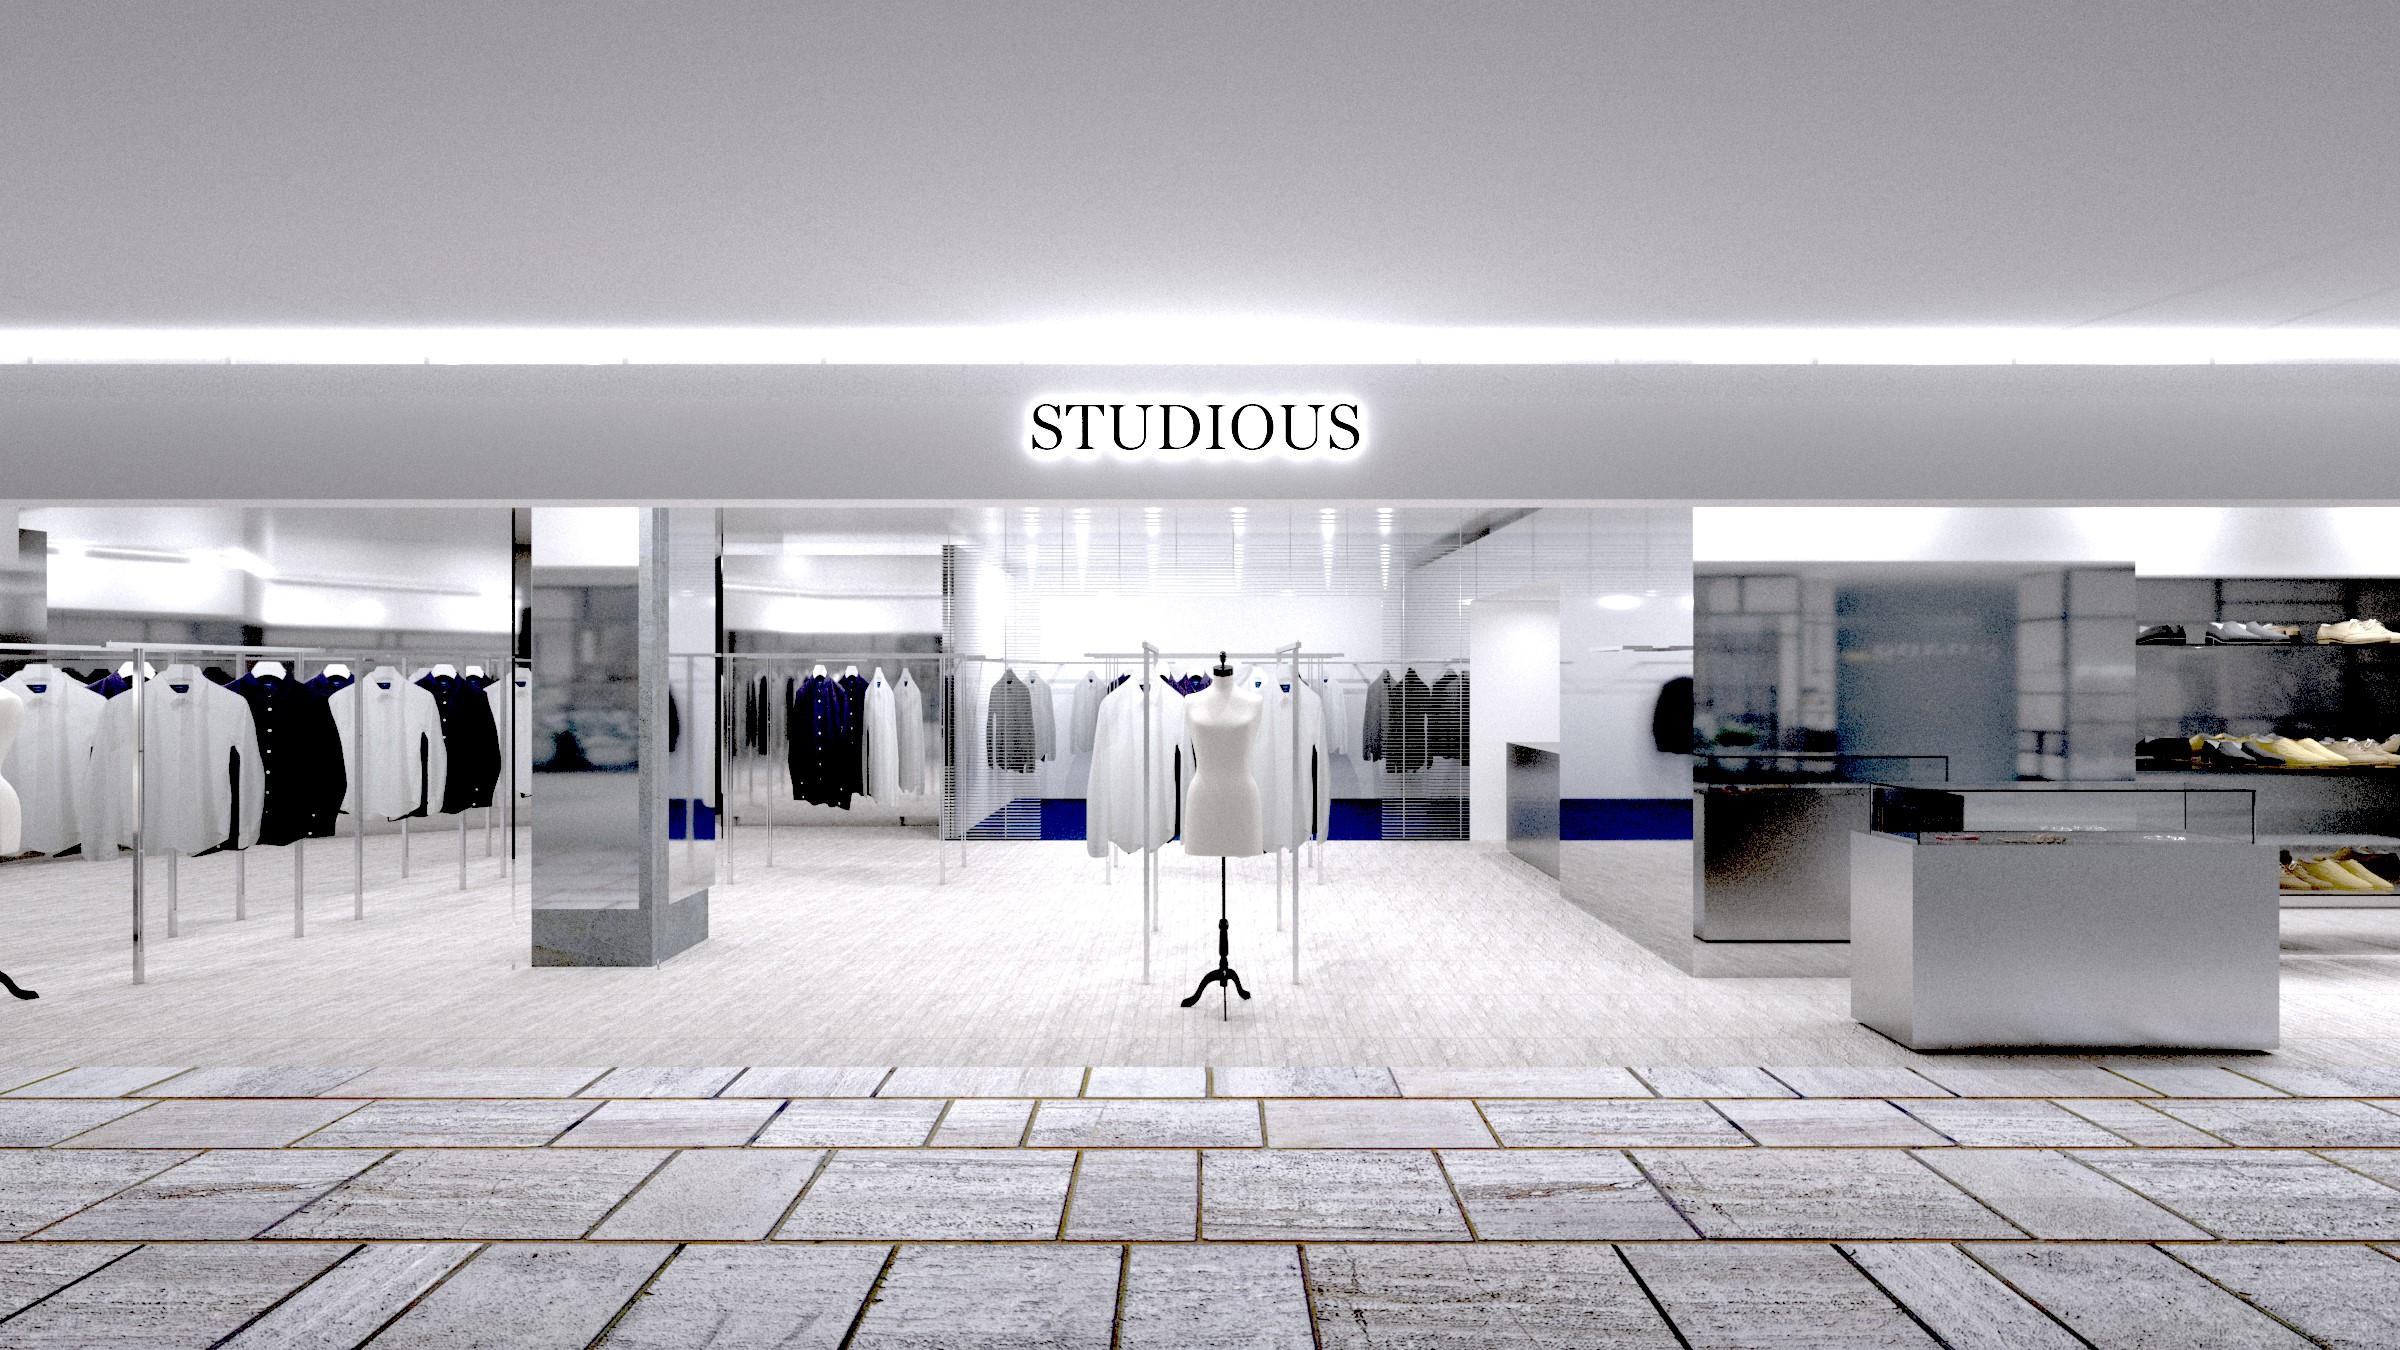 有楽町ルミネのSTUDIOUSが拡大。STUDIOUS有楽町複合店がWOMENSとMENS単独店となり2店舗OPEN。